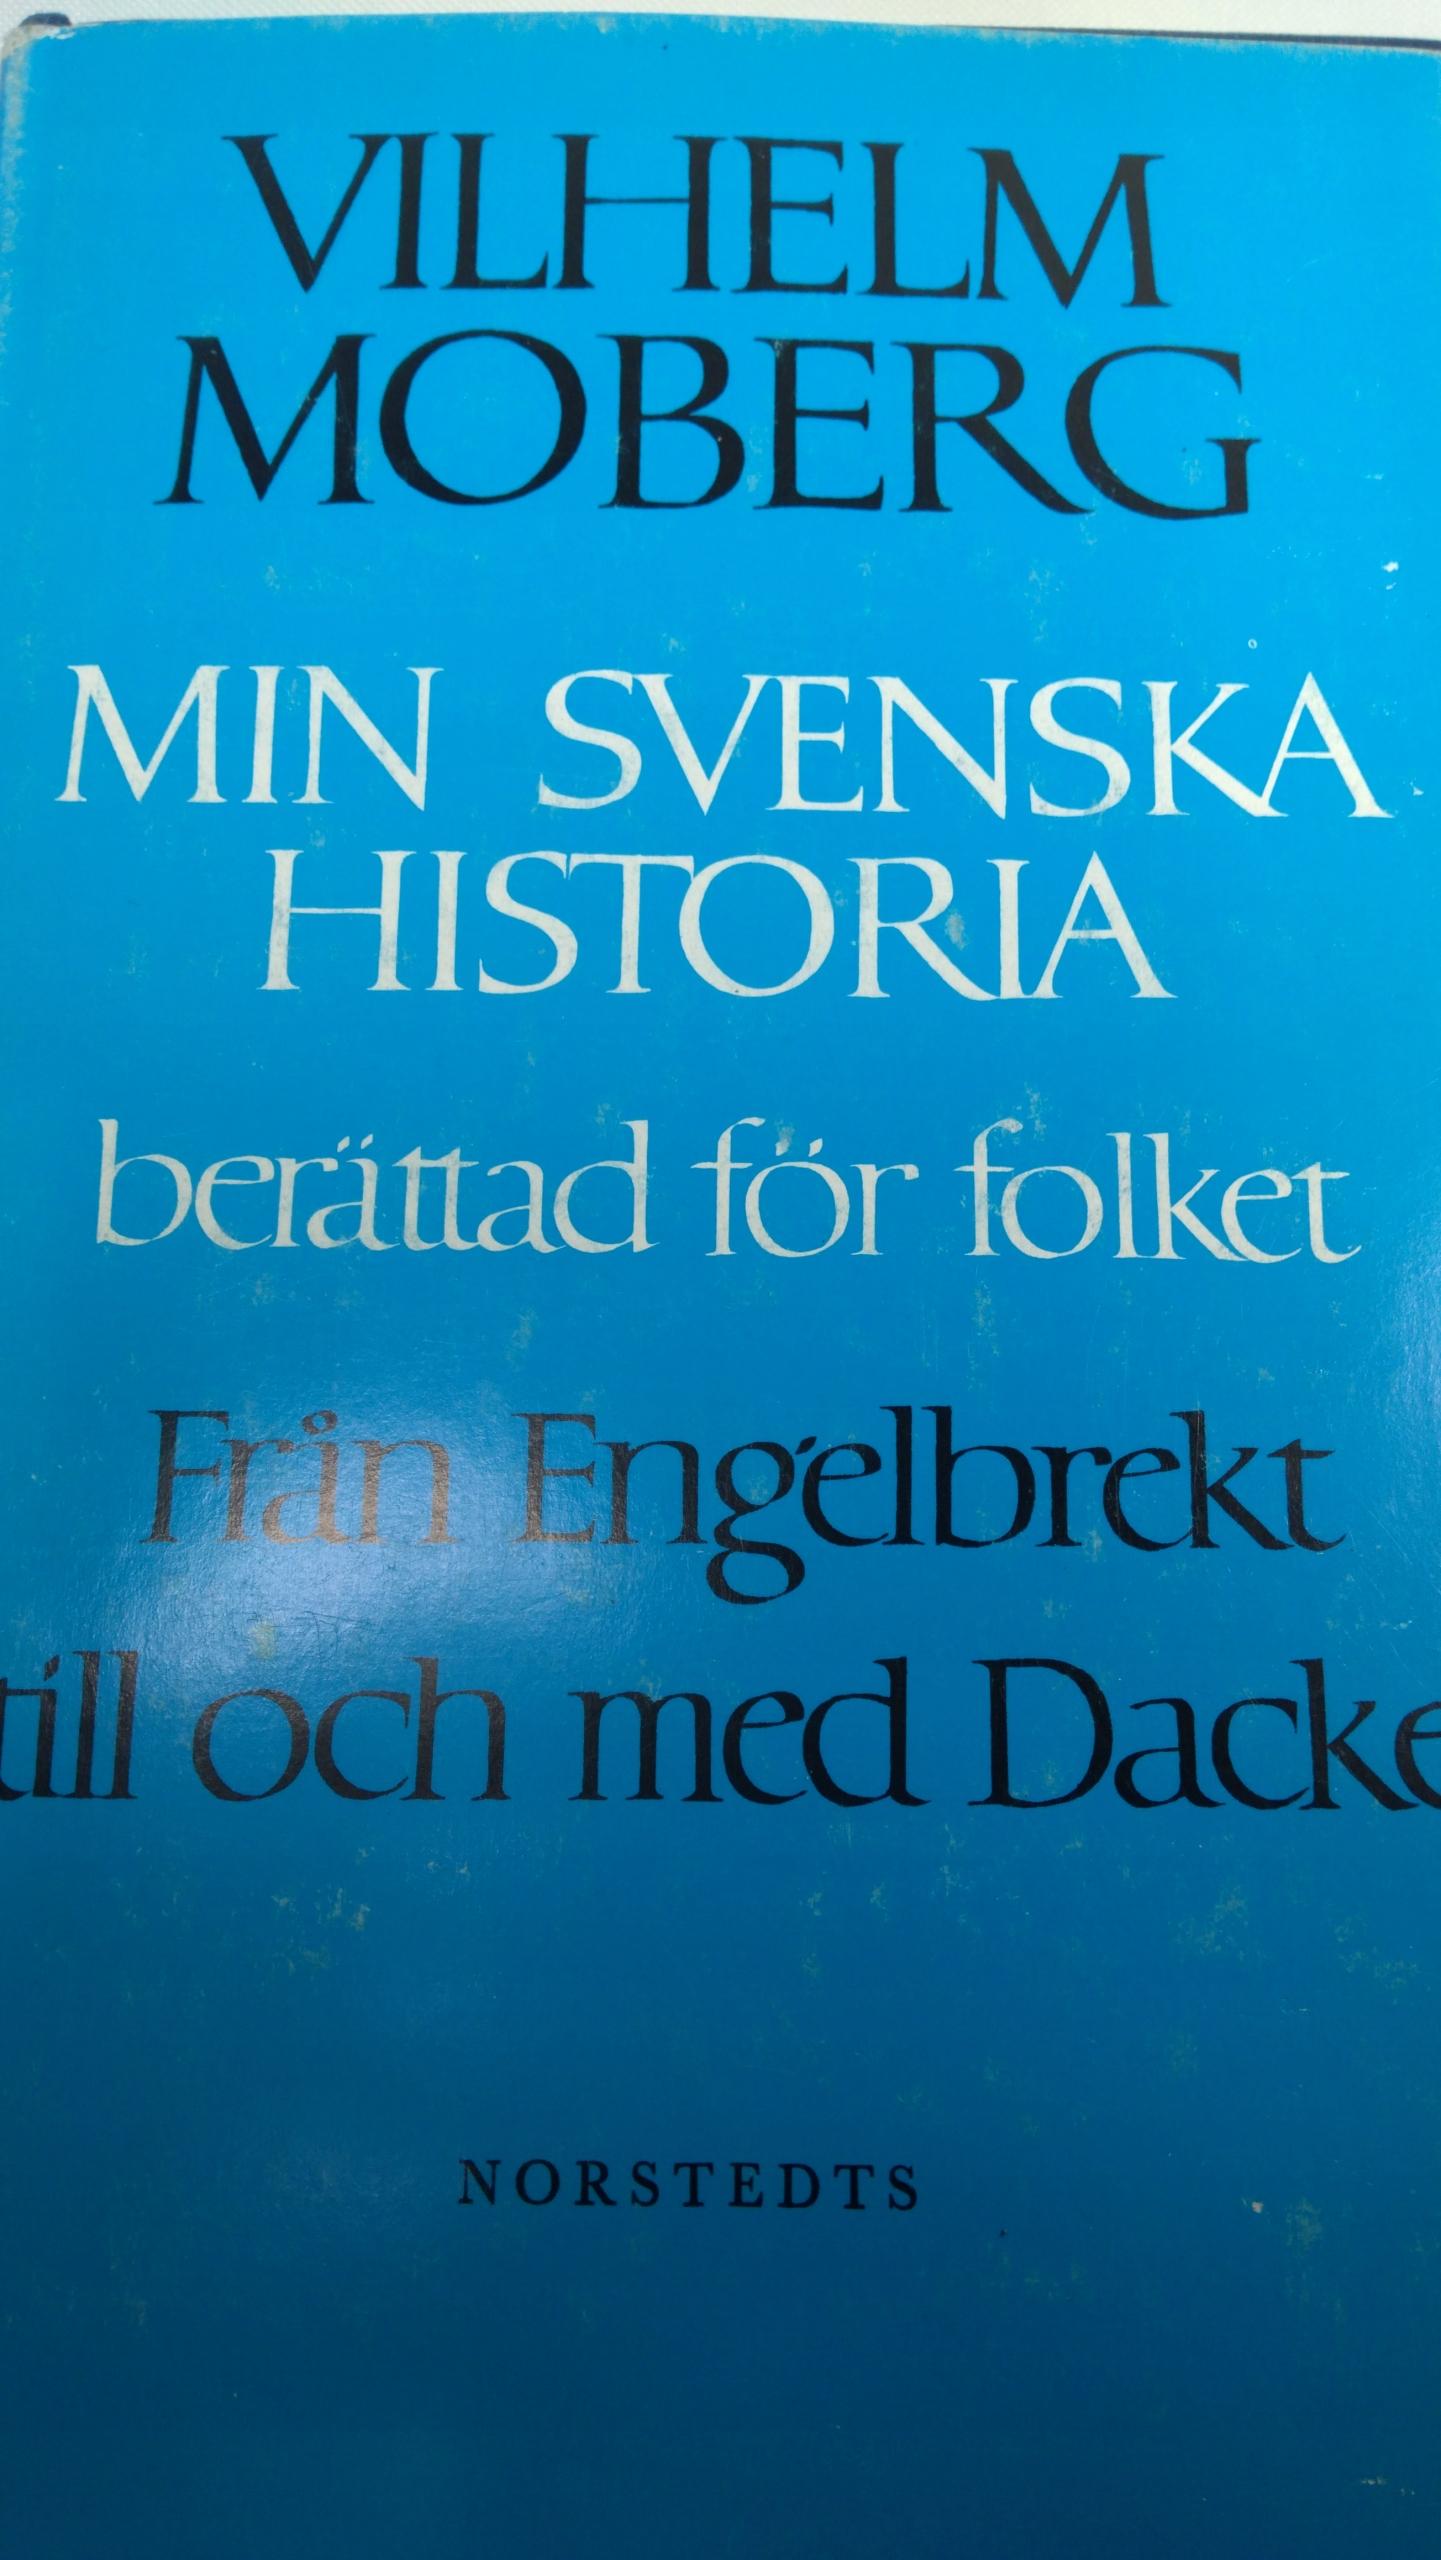 Moberg MIN SVENSKA HISTORIA